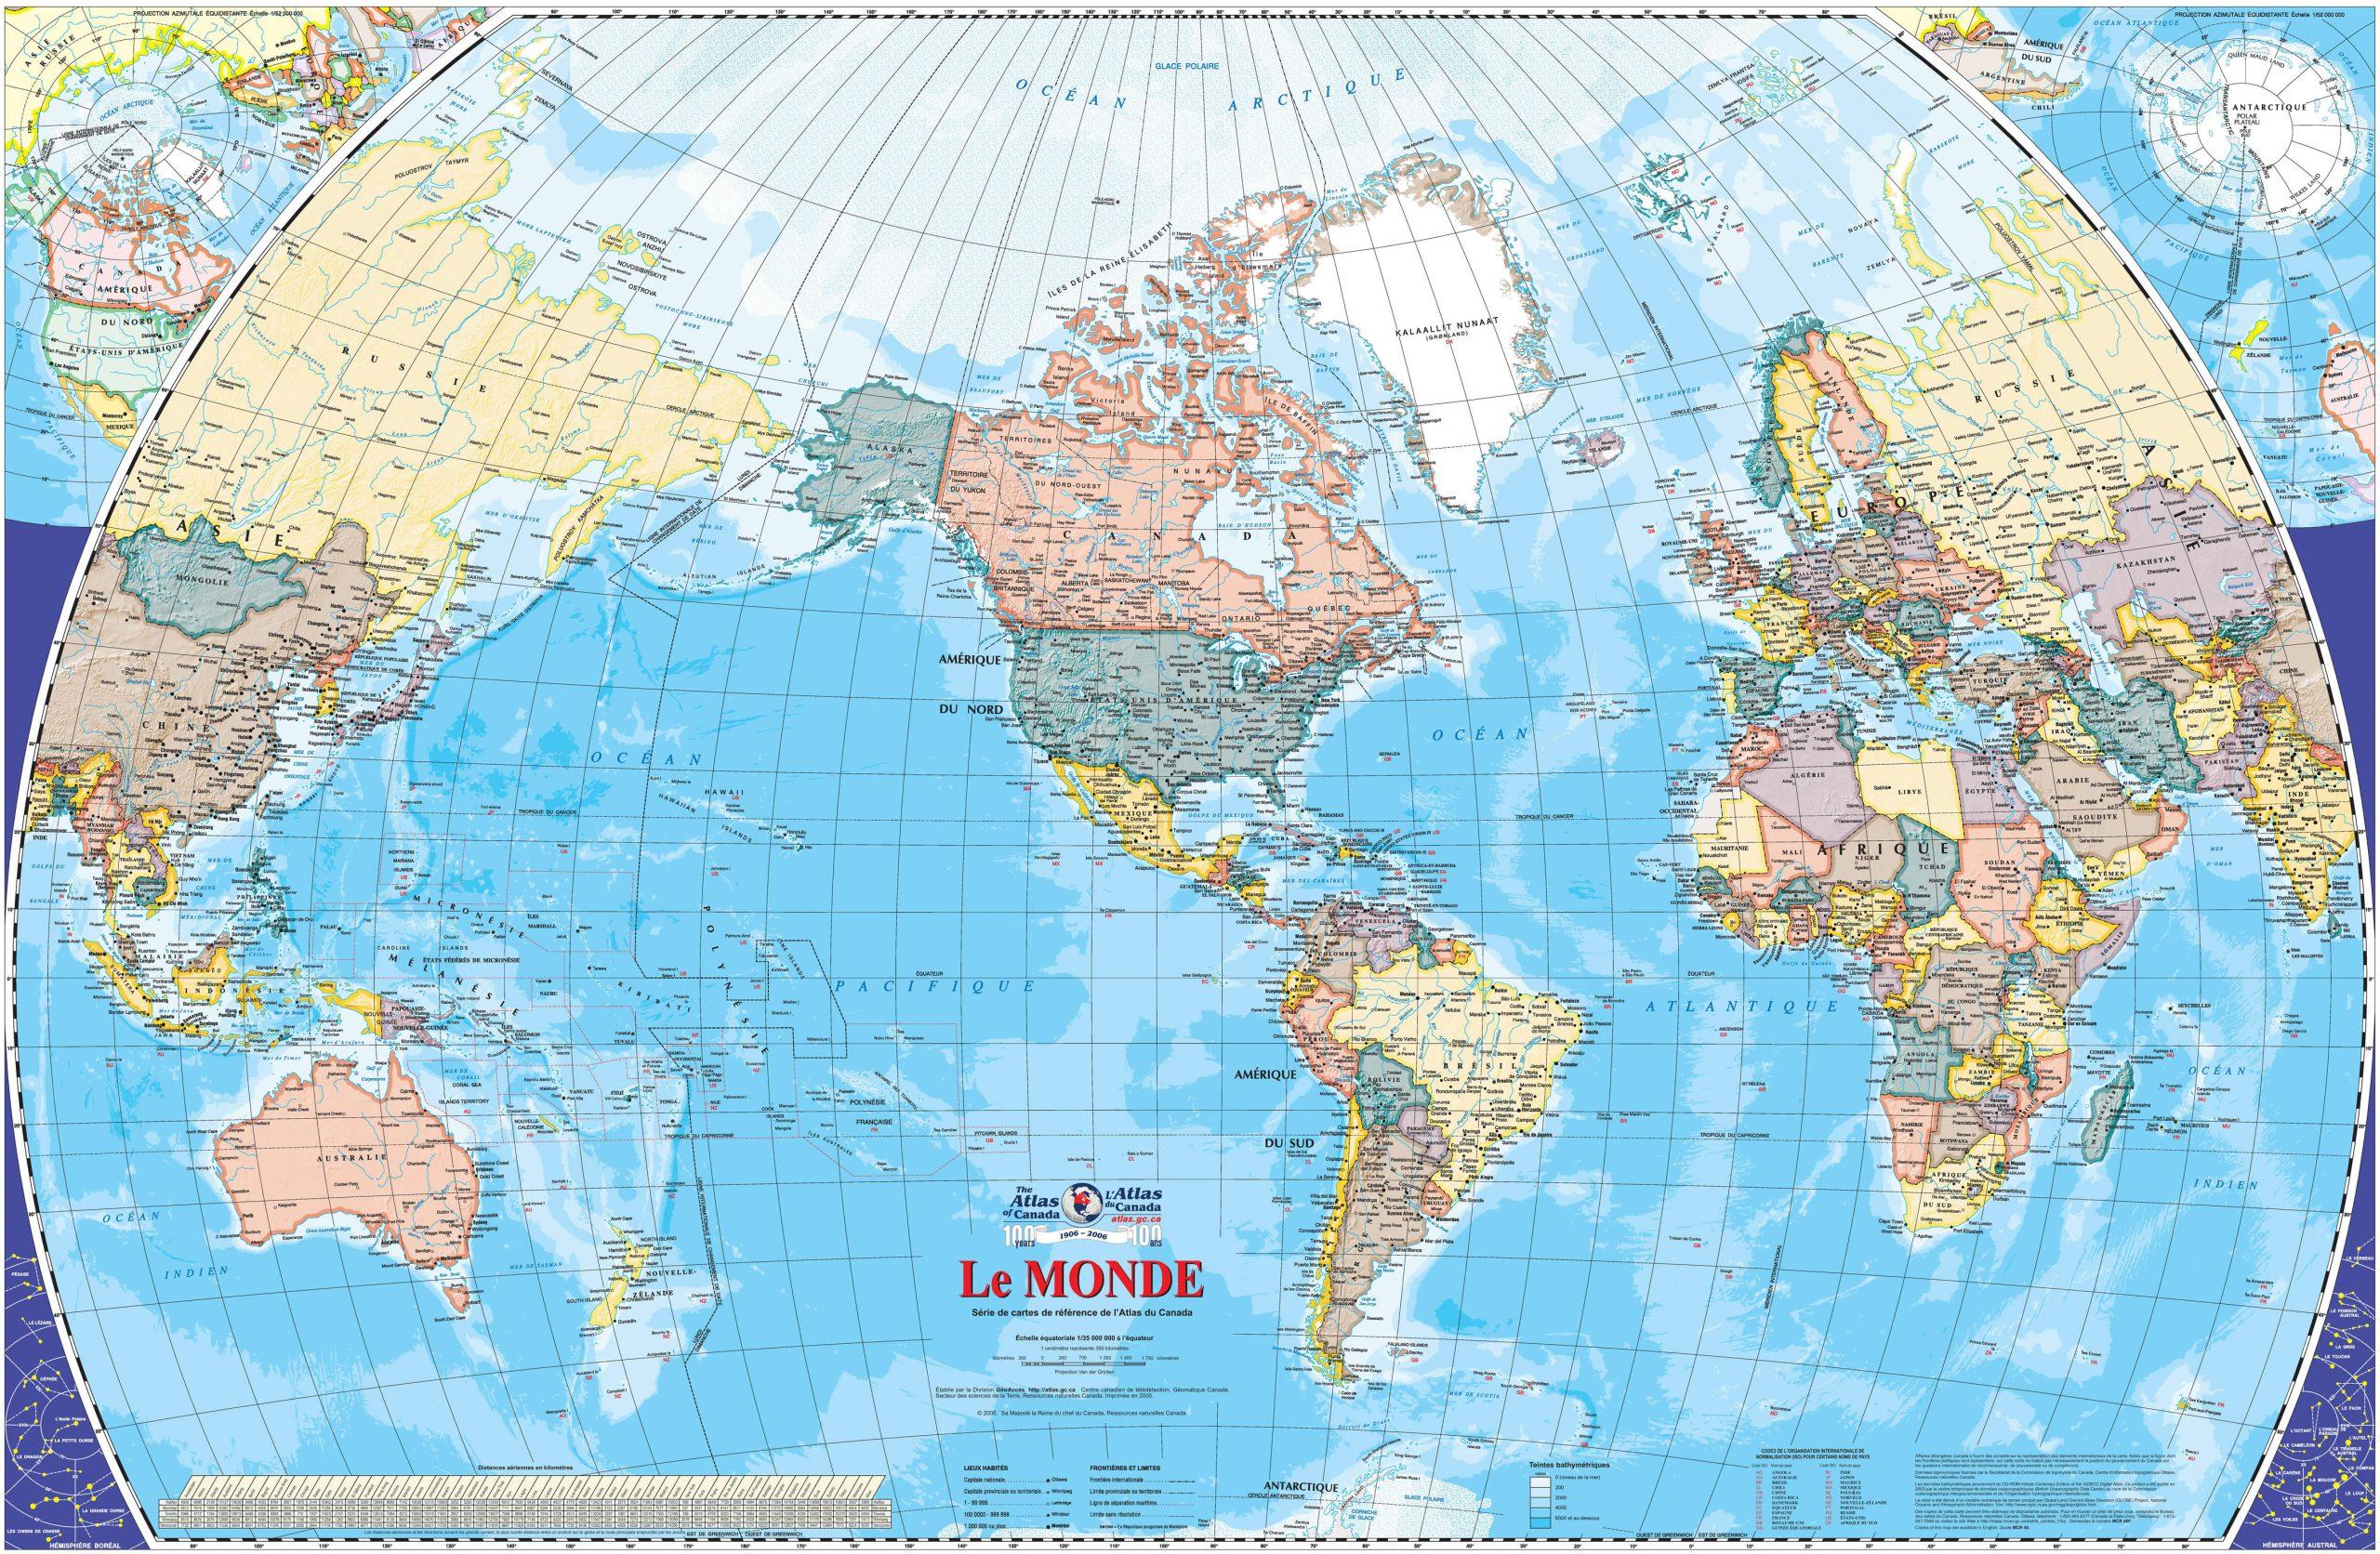 Carte Du Monde, Les Cartes Des Pays Du Monde, Map Et Plan encequiconcerne Carte De France Detaillée Gratuite